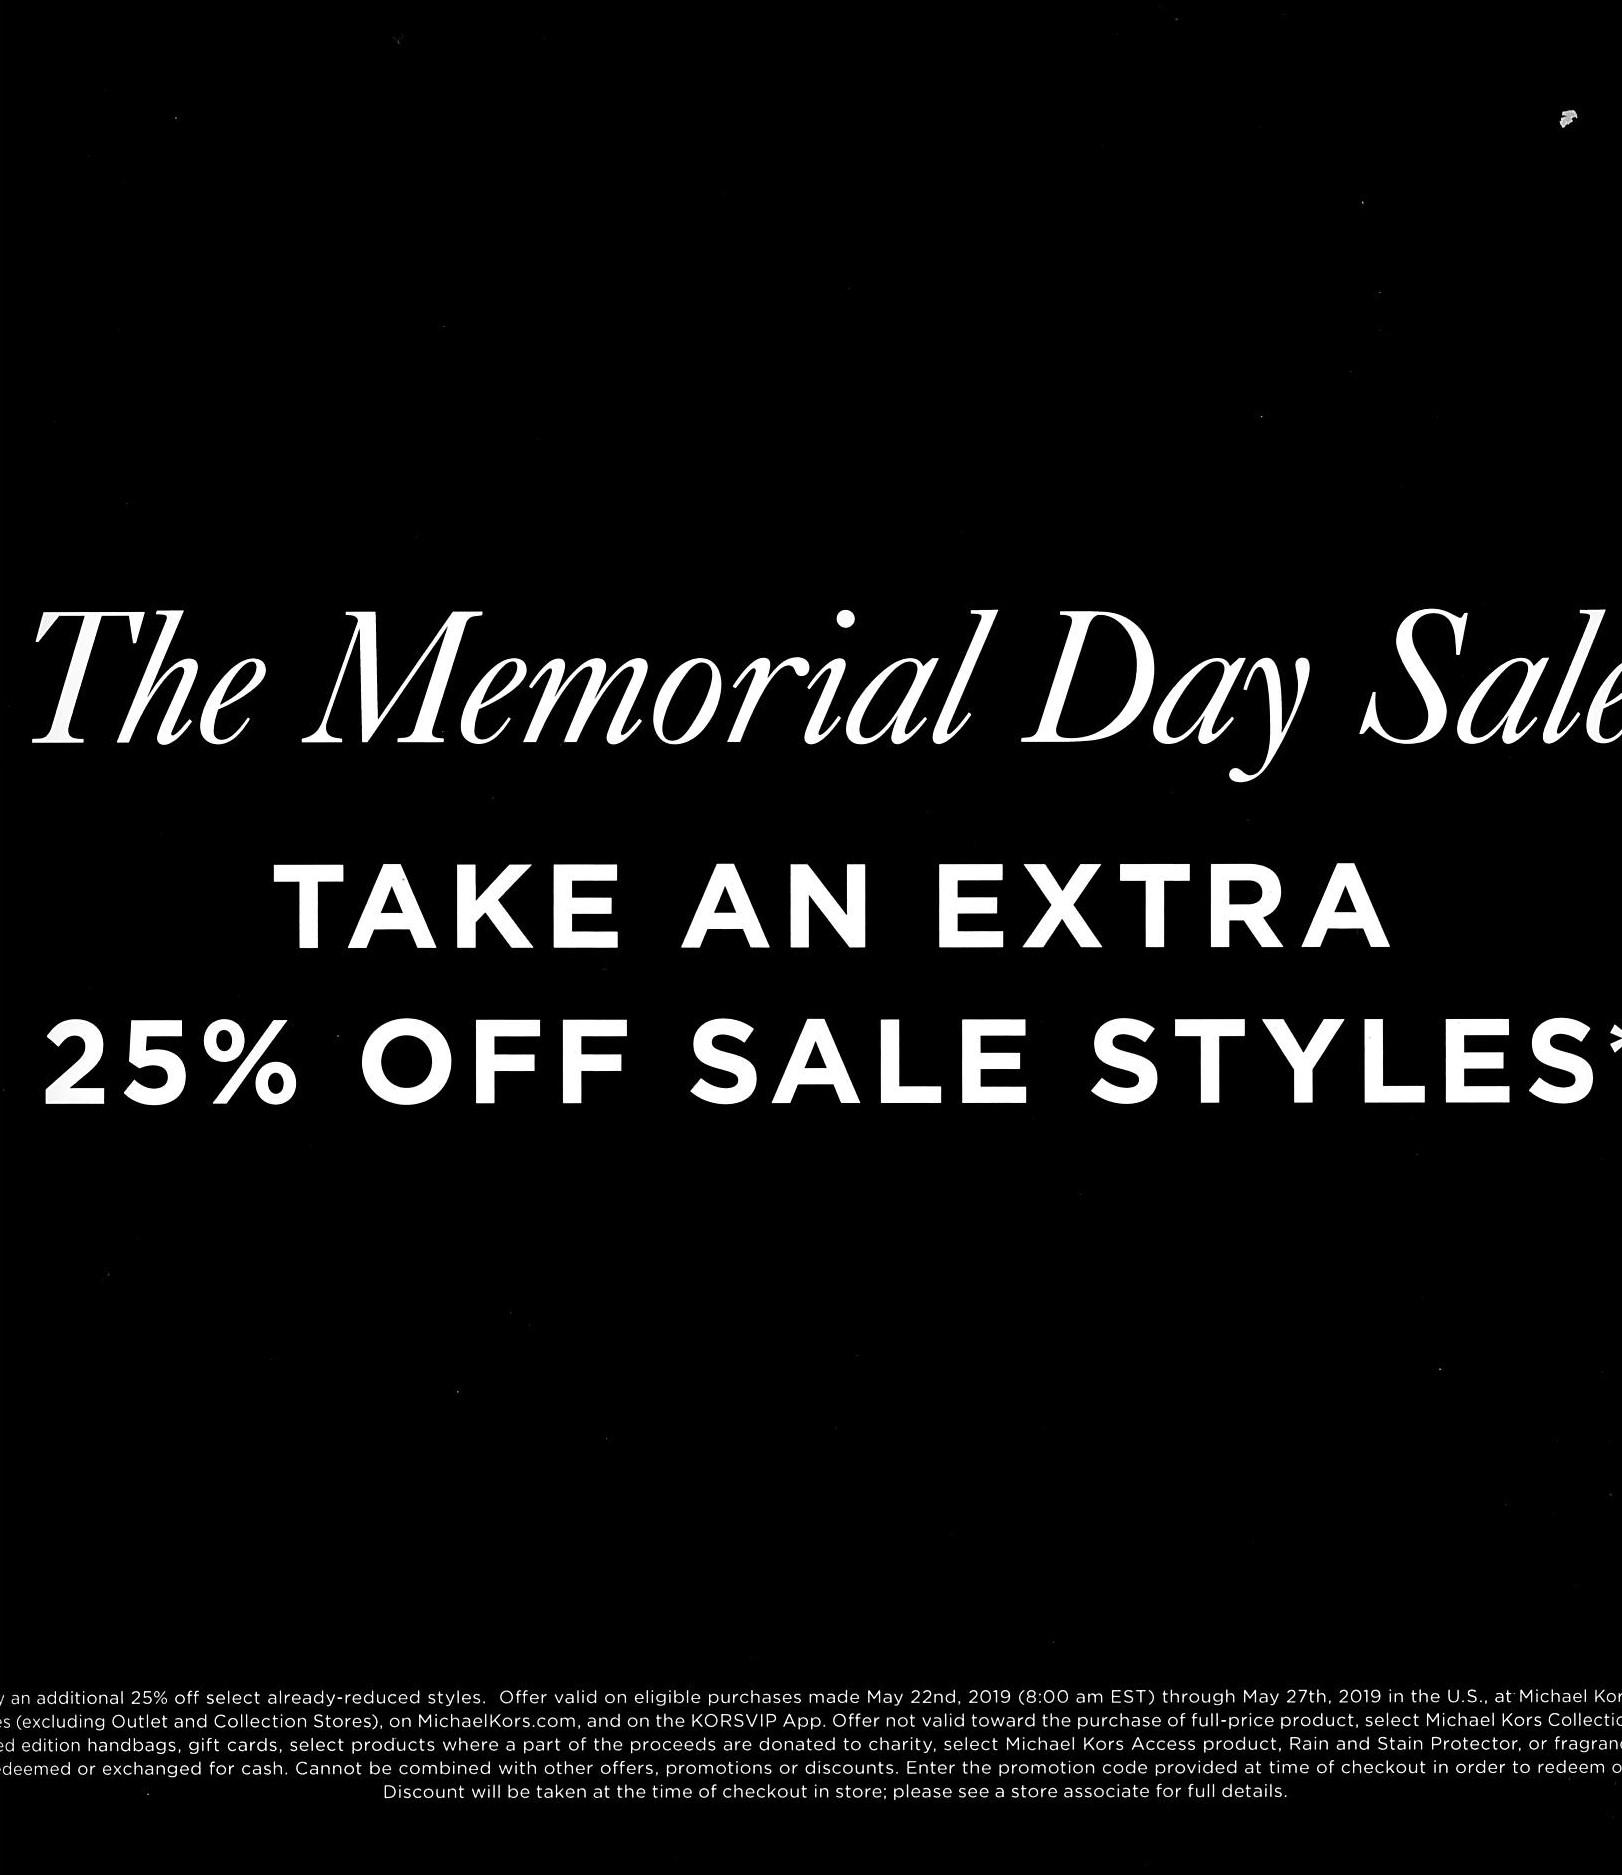 Michael Kors Memorial day sale